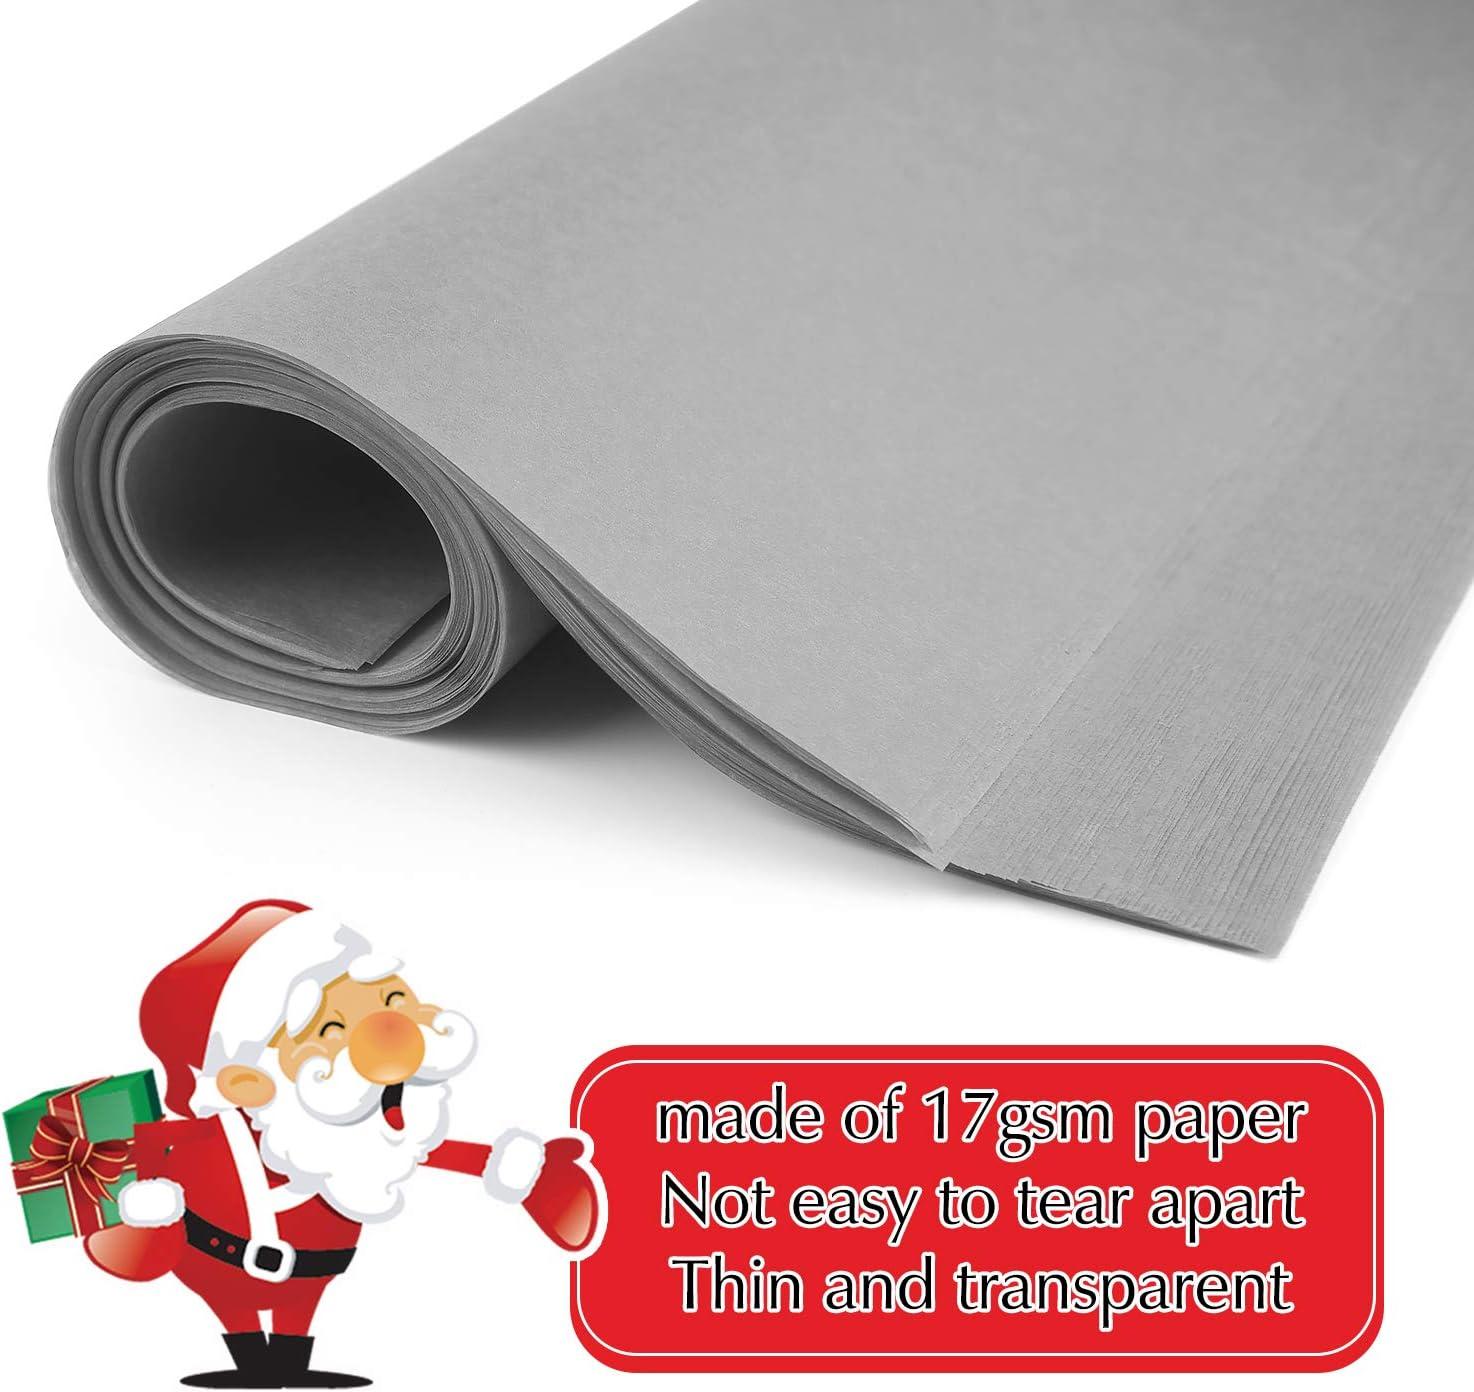 Miahart 60 Blatt Weihnachtliches Seidenpapier 50 x 35 cm Weihnachten Geschenkpapier f/ür DIY und Basteln Geschenkt/üten Dekorationen gr/ün